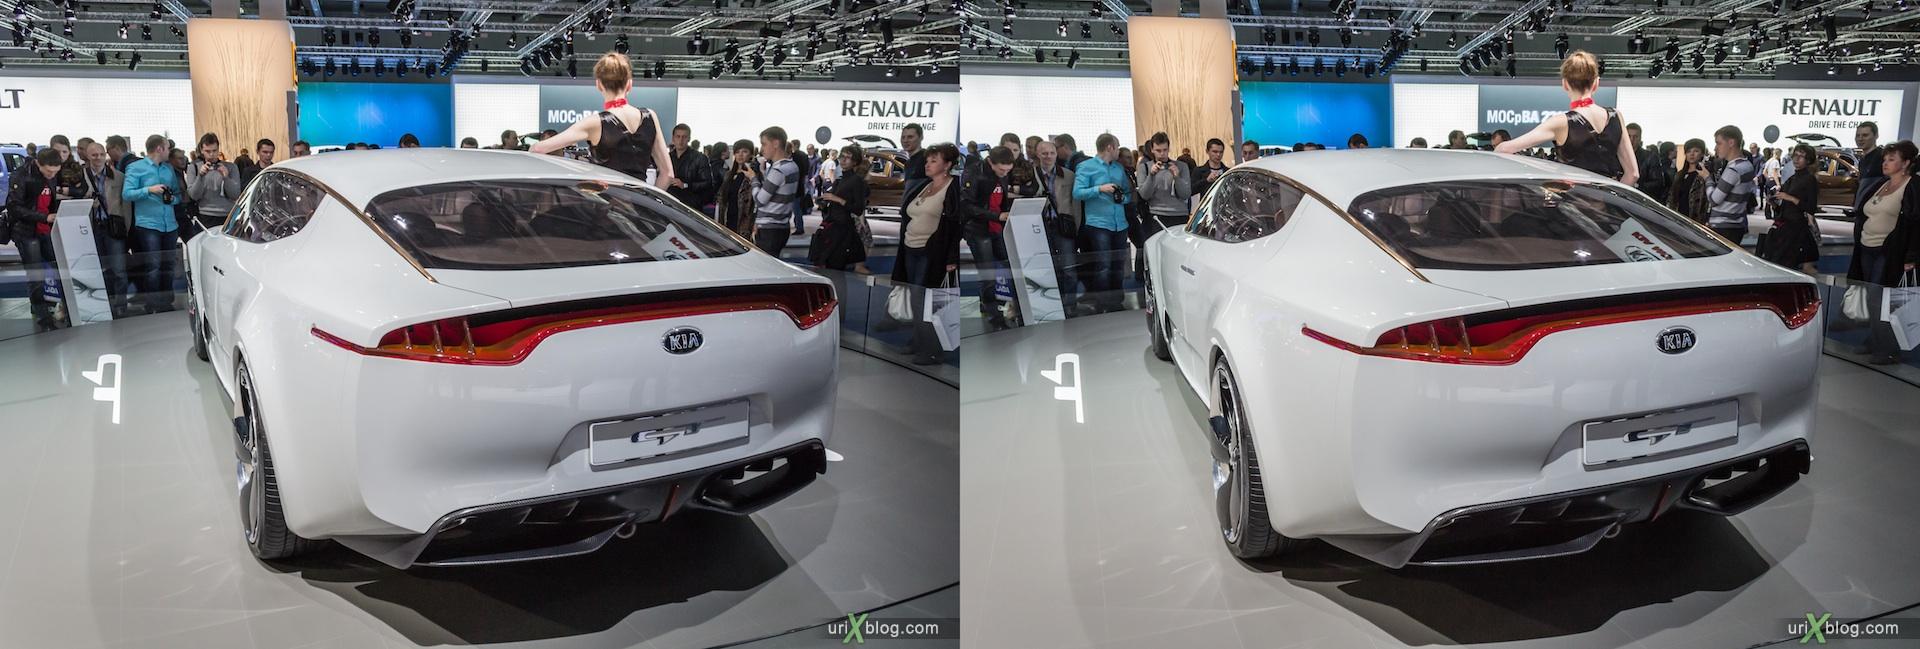 2012, KIA GT, Московский международный автомобильный салон, ММАС, Крокус Экспо, 3D, стереопара